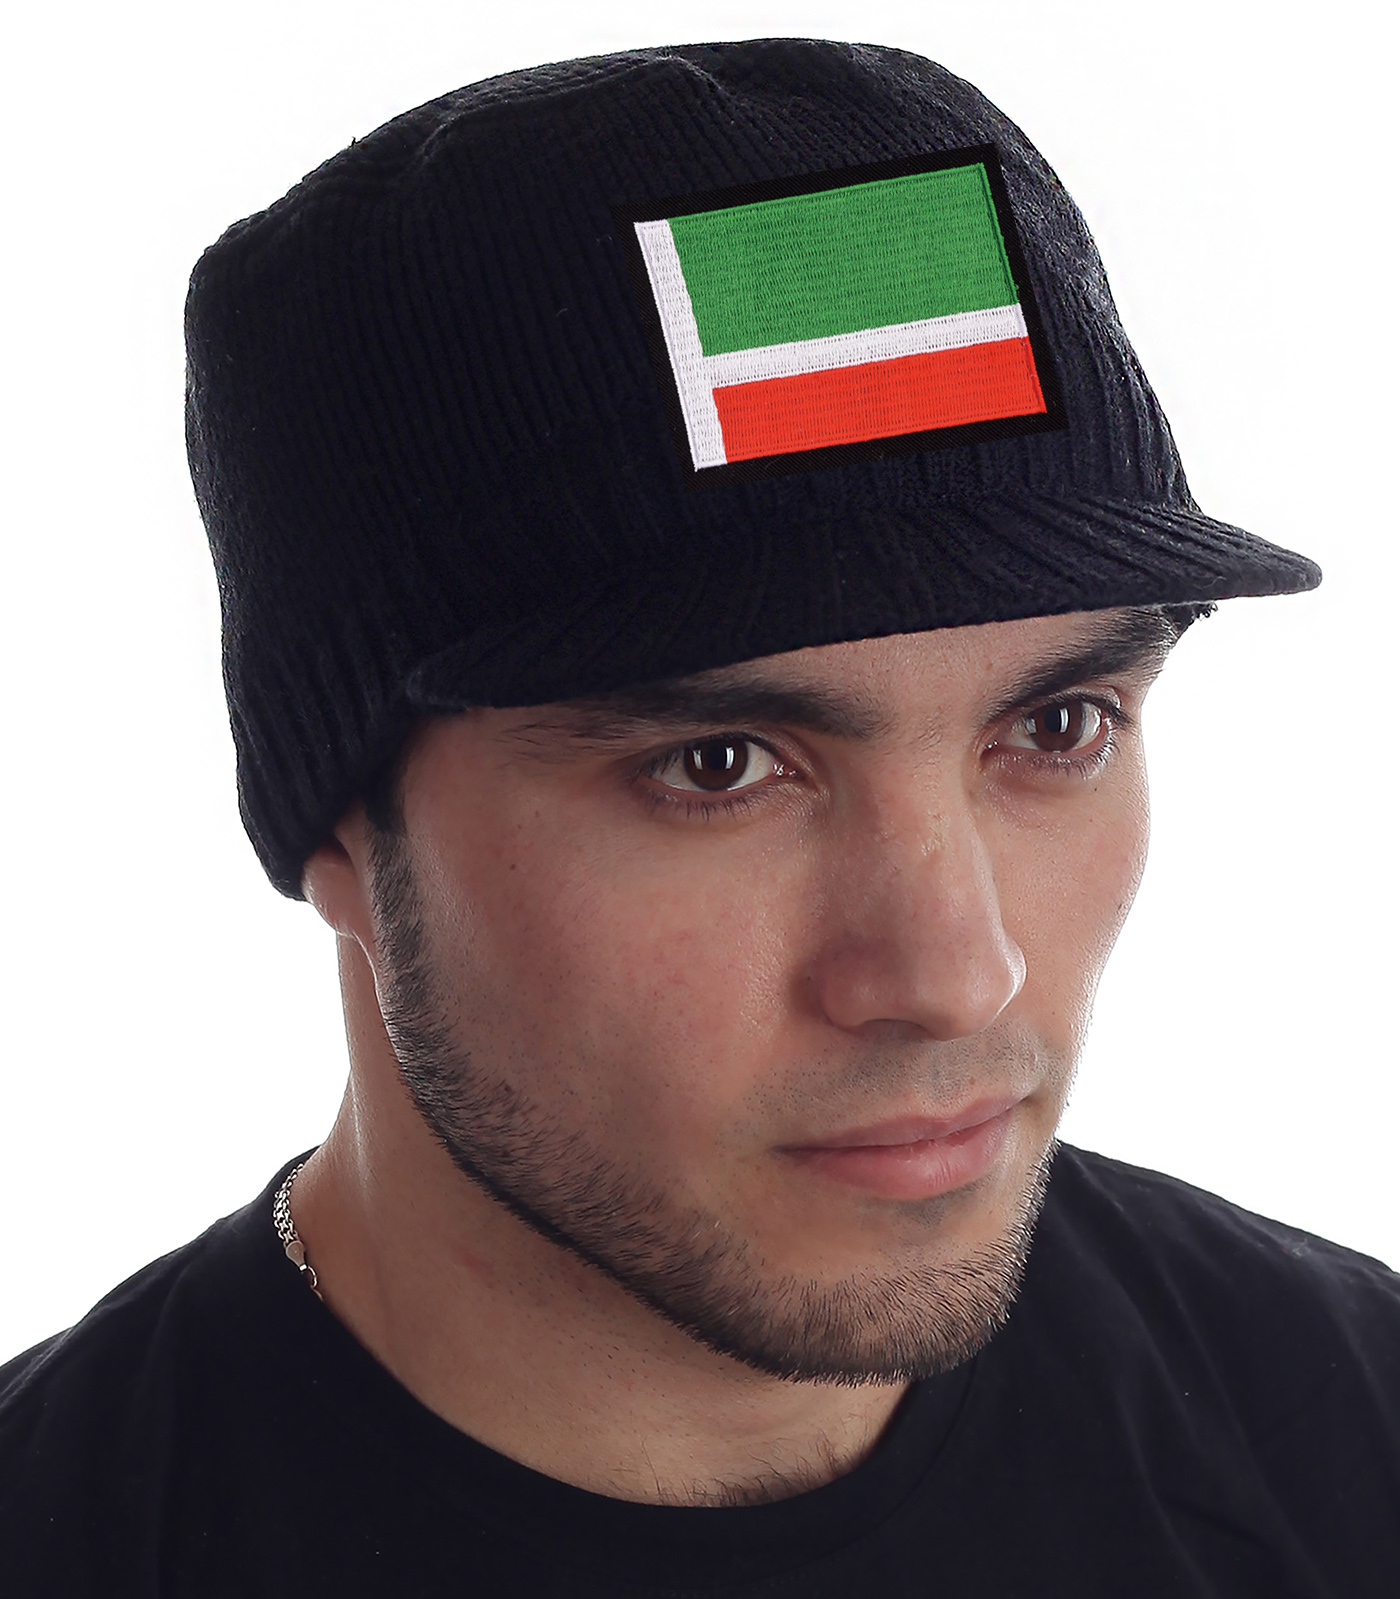 Купить недорого кепку для мужчины. Коллекция осень-зима от ТМ Miller Way